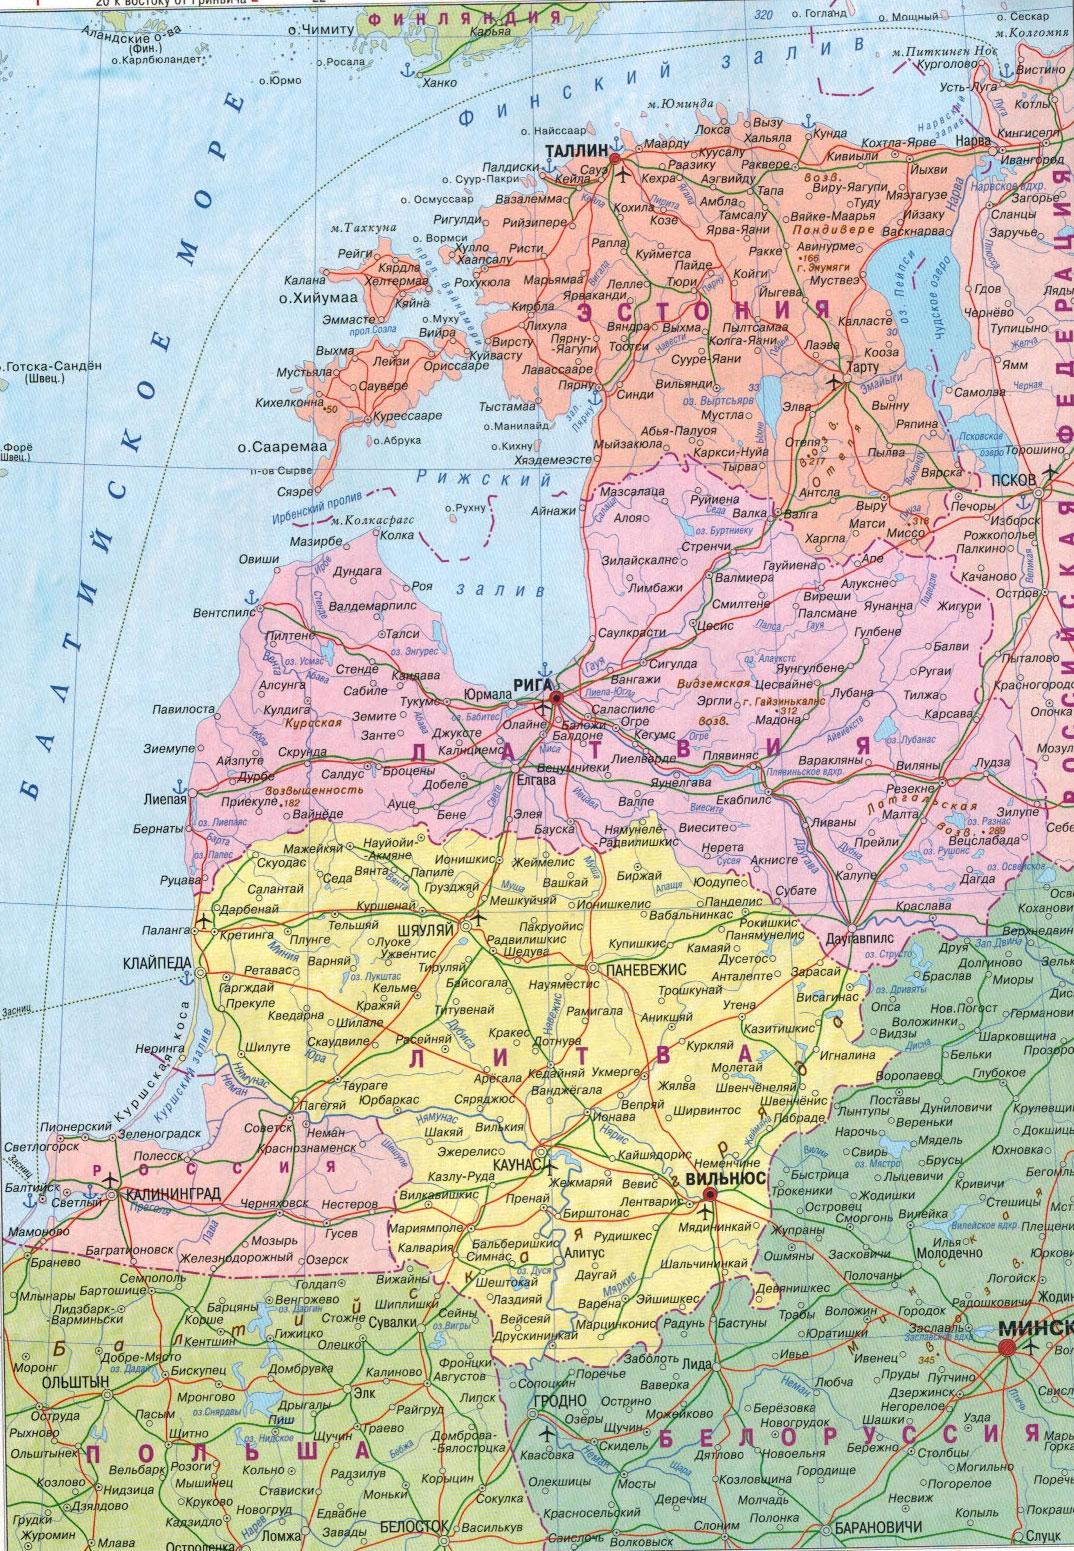 Настенная карта Латвии , Литвы, Эстонии. Ламинированная. Р-р 0,70*1,0 м